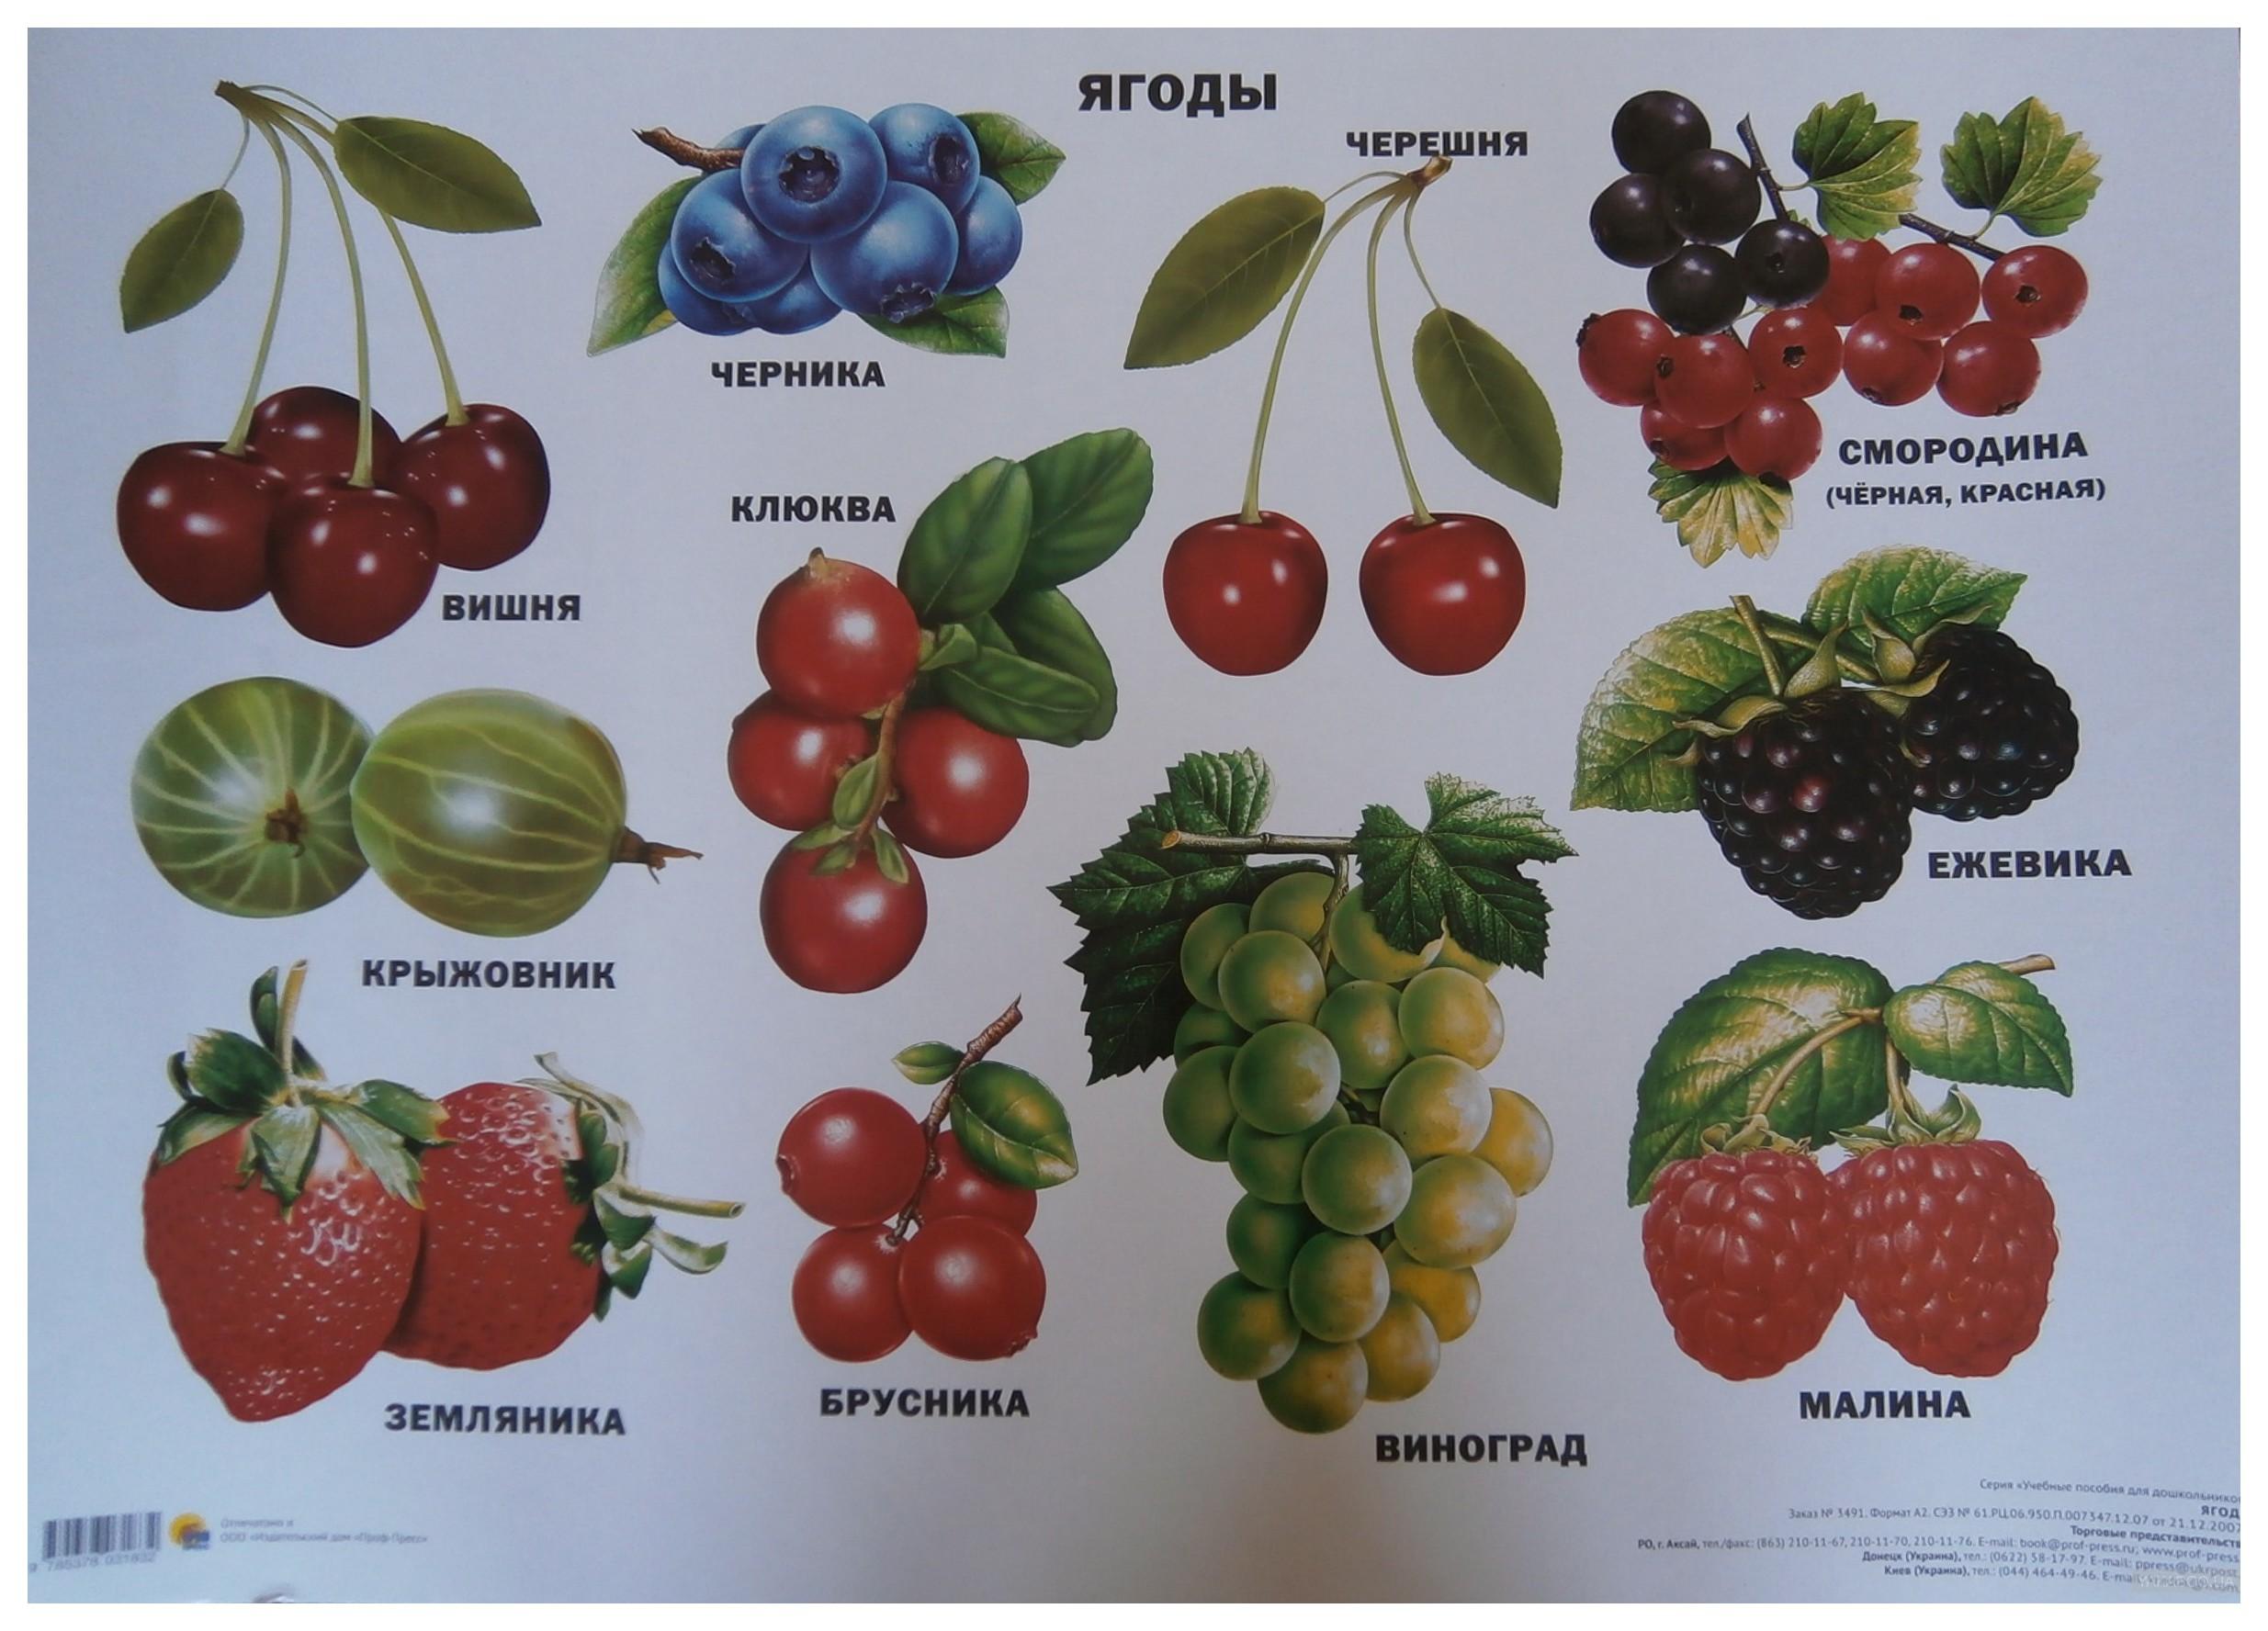 сказали пускать ягоды и фрукты в картинках с названиями слову, всякая современная